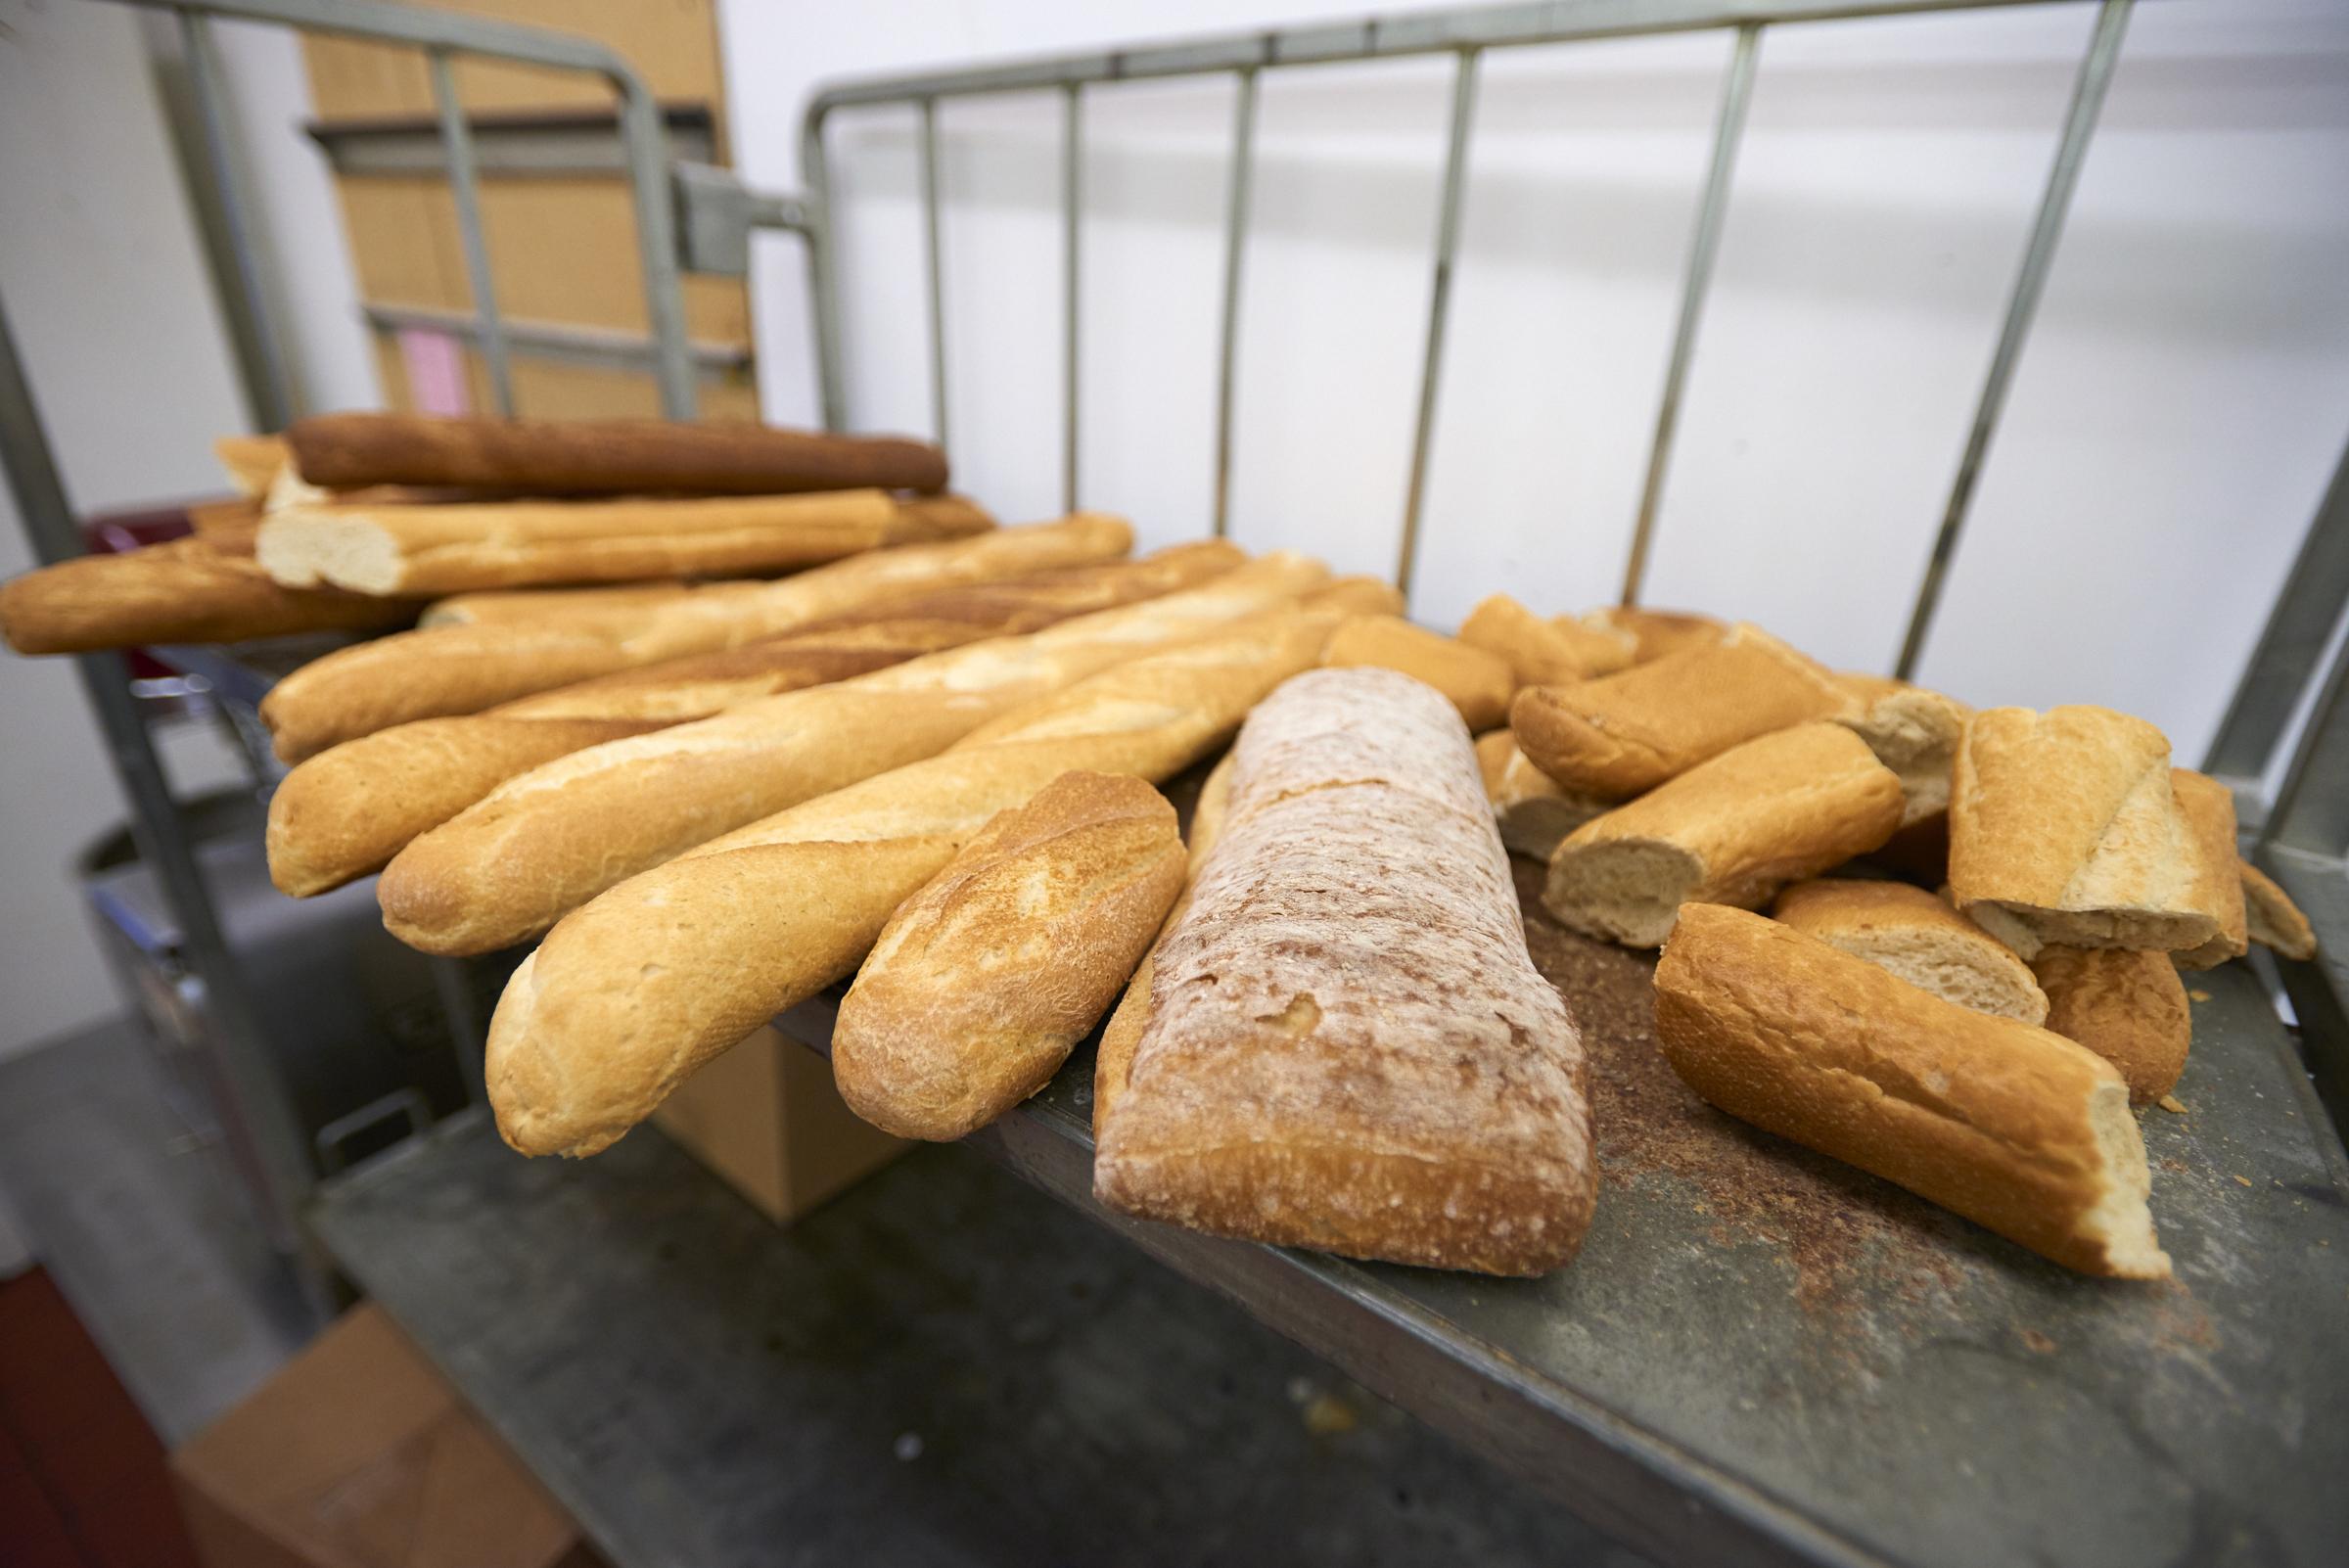 Papa Cristo's homemade bread